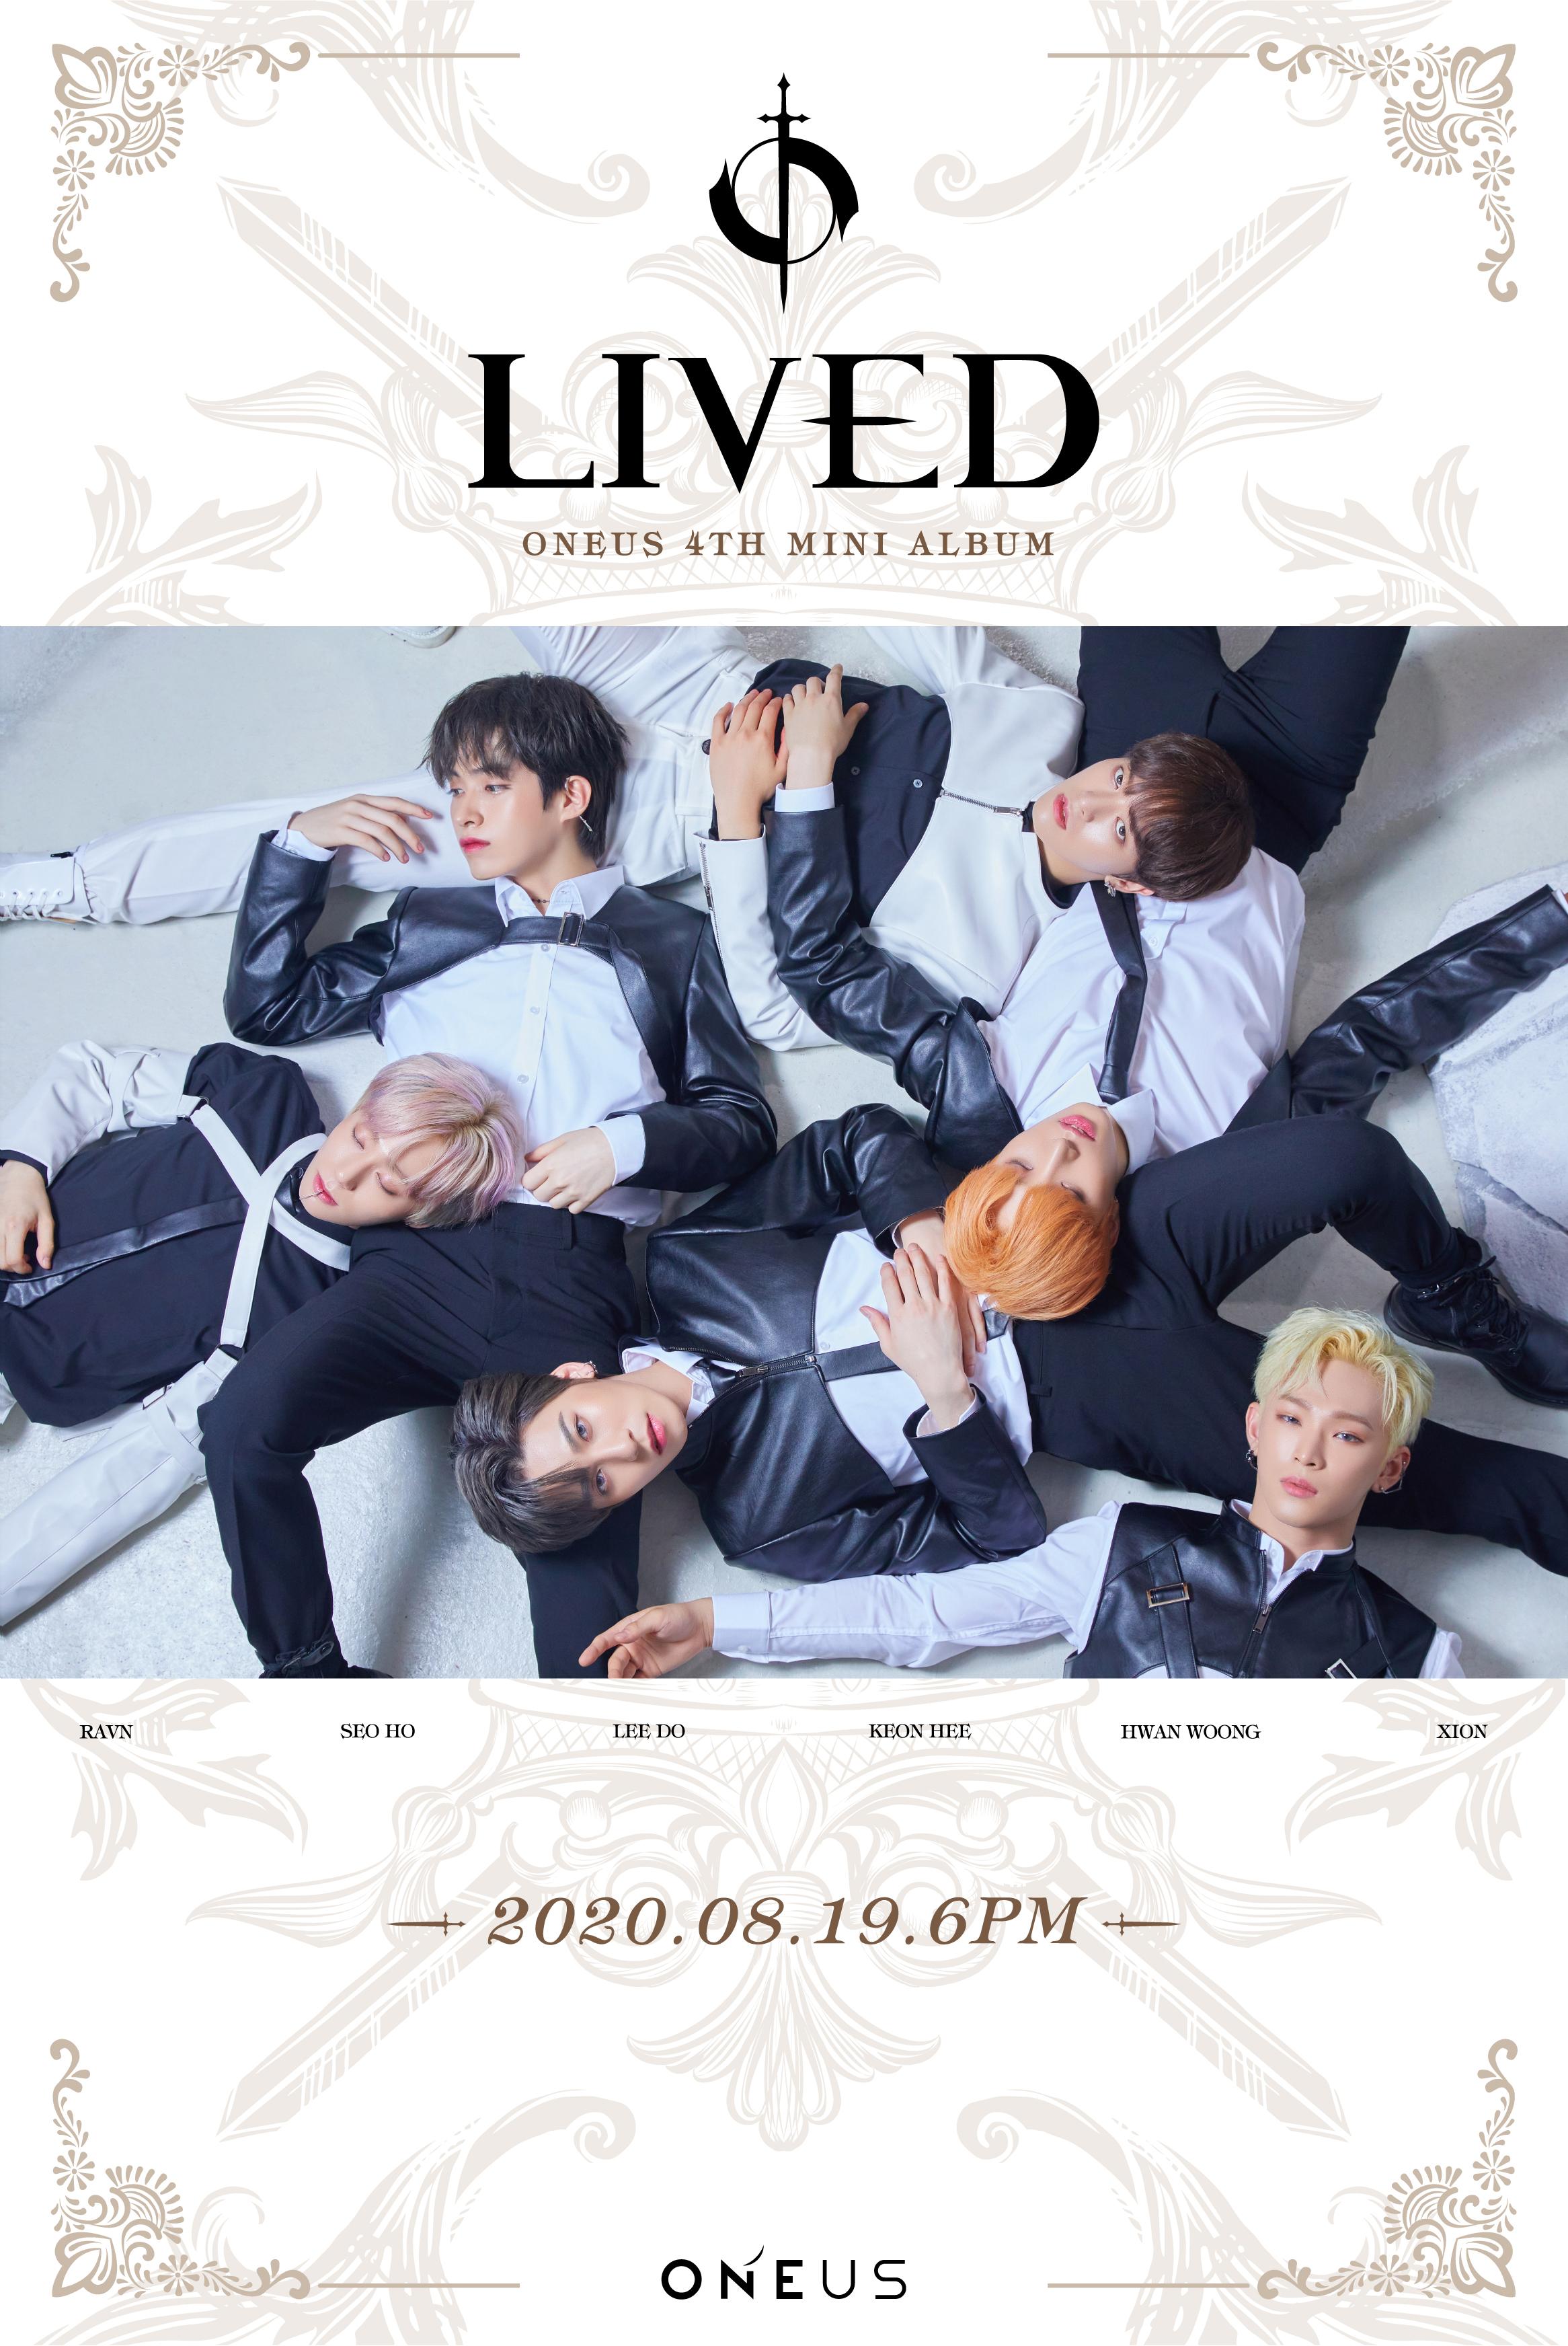 19일(수), 🌏원어스 4TH MINI ALBUM 'LIVED' 발매🌏 | 인스티즈